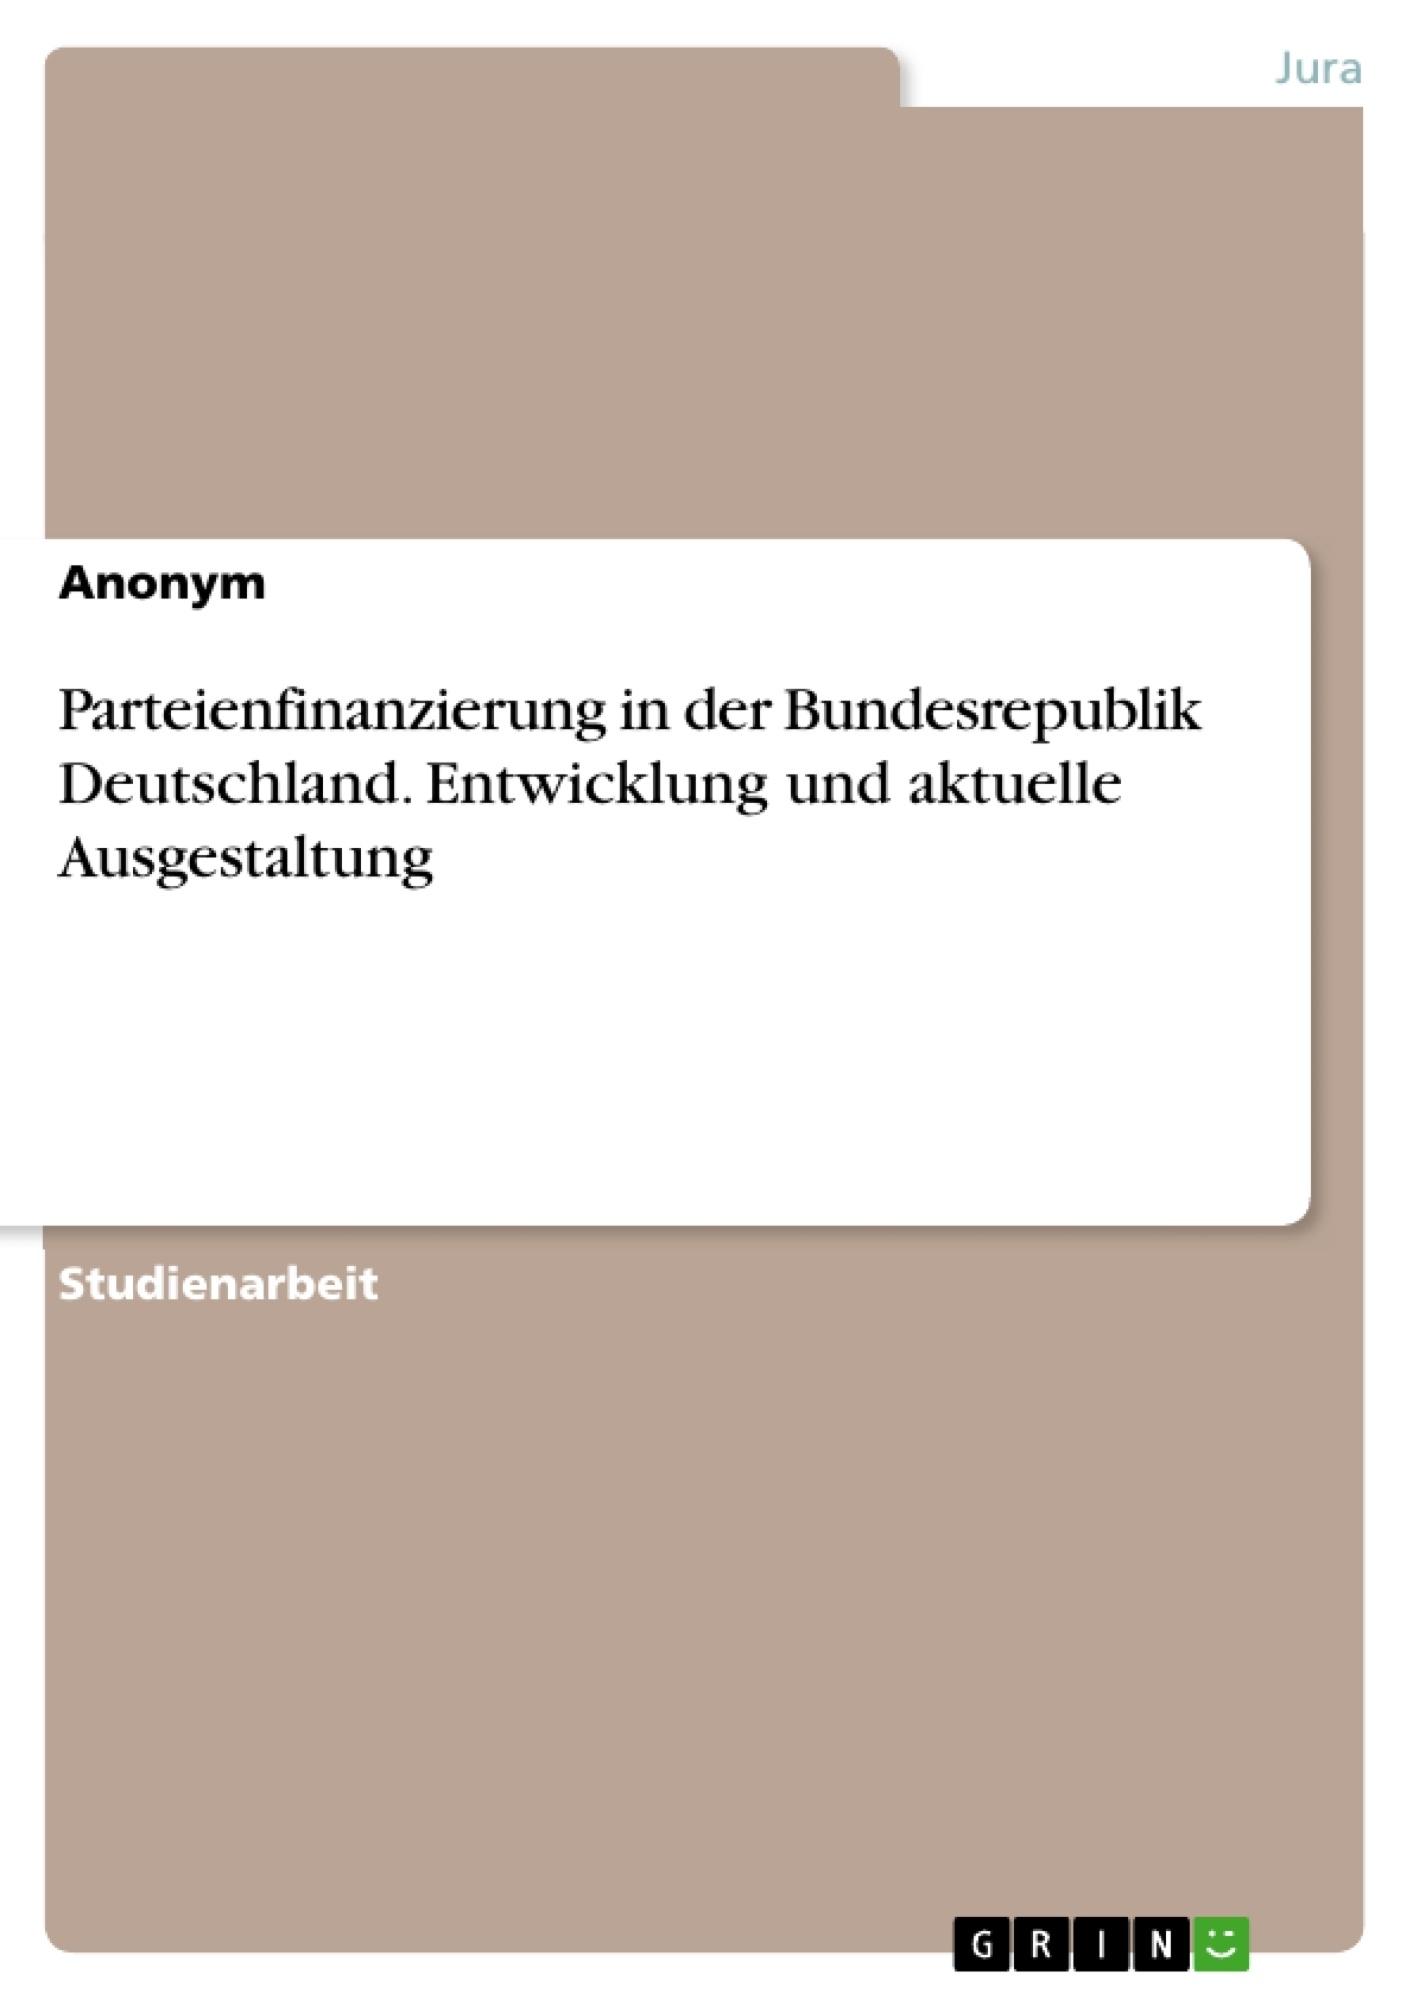 Titel: Parteienfinanzierung in der Bundesrepublik Deutschland. Entwicklung und aktuelle Ausgestaltung